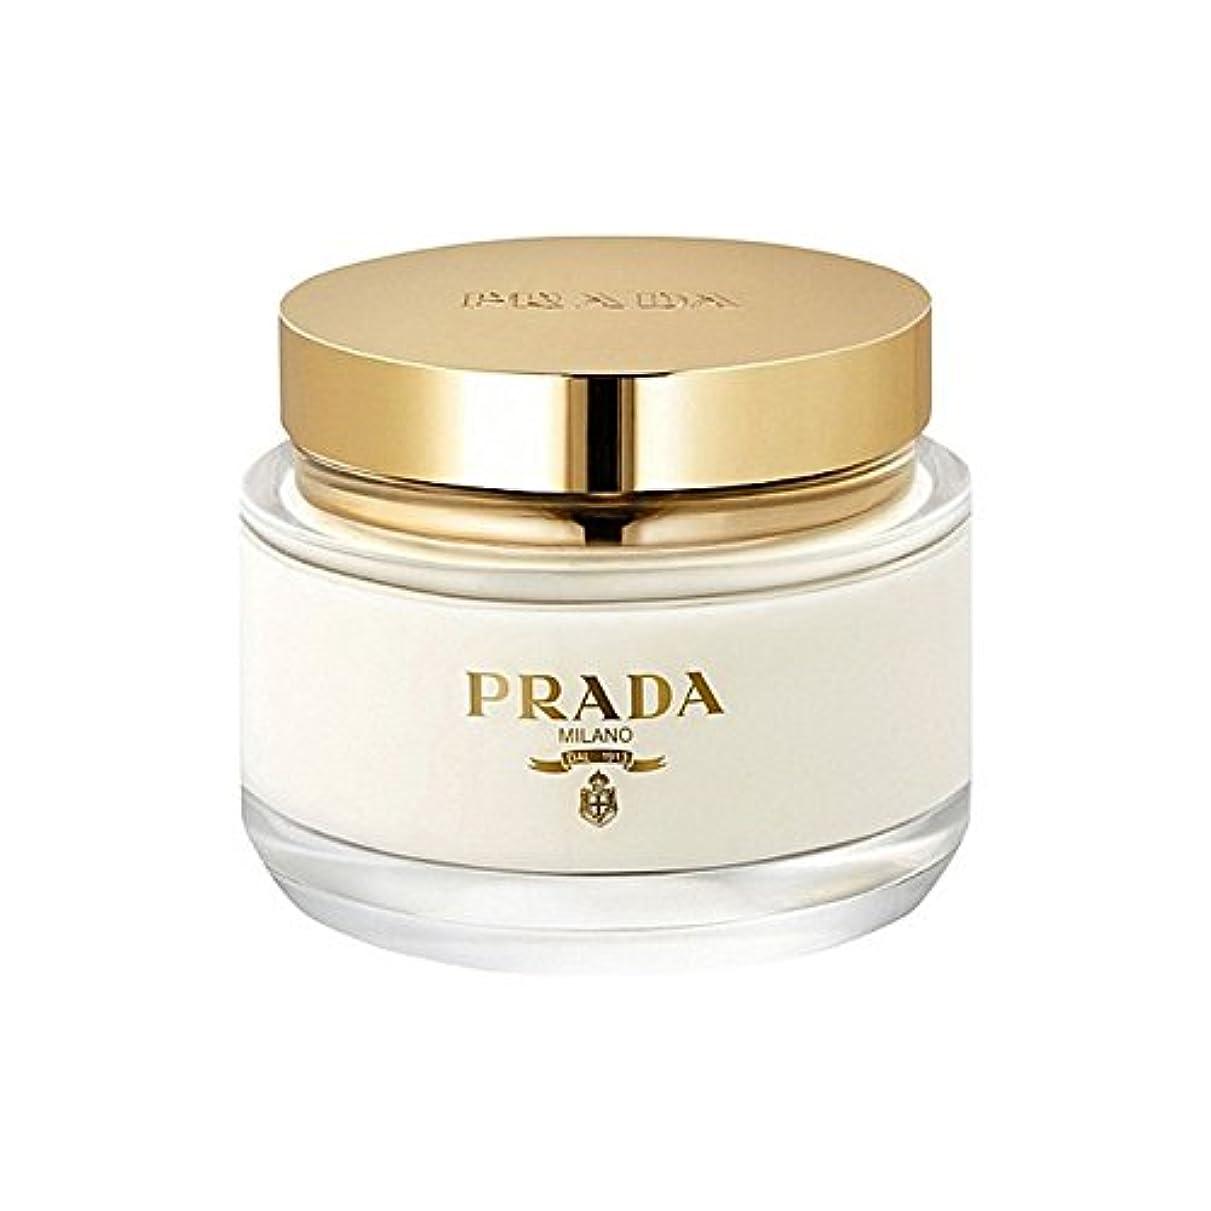 独立した空虚アンビエントPrada La Femme Body Cream 200ml - プラダラファムボディクリーム200ミリリットル [並行輸入品]